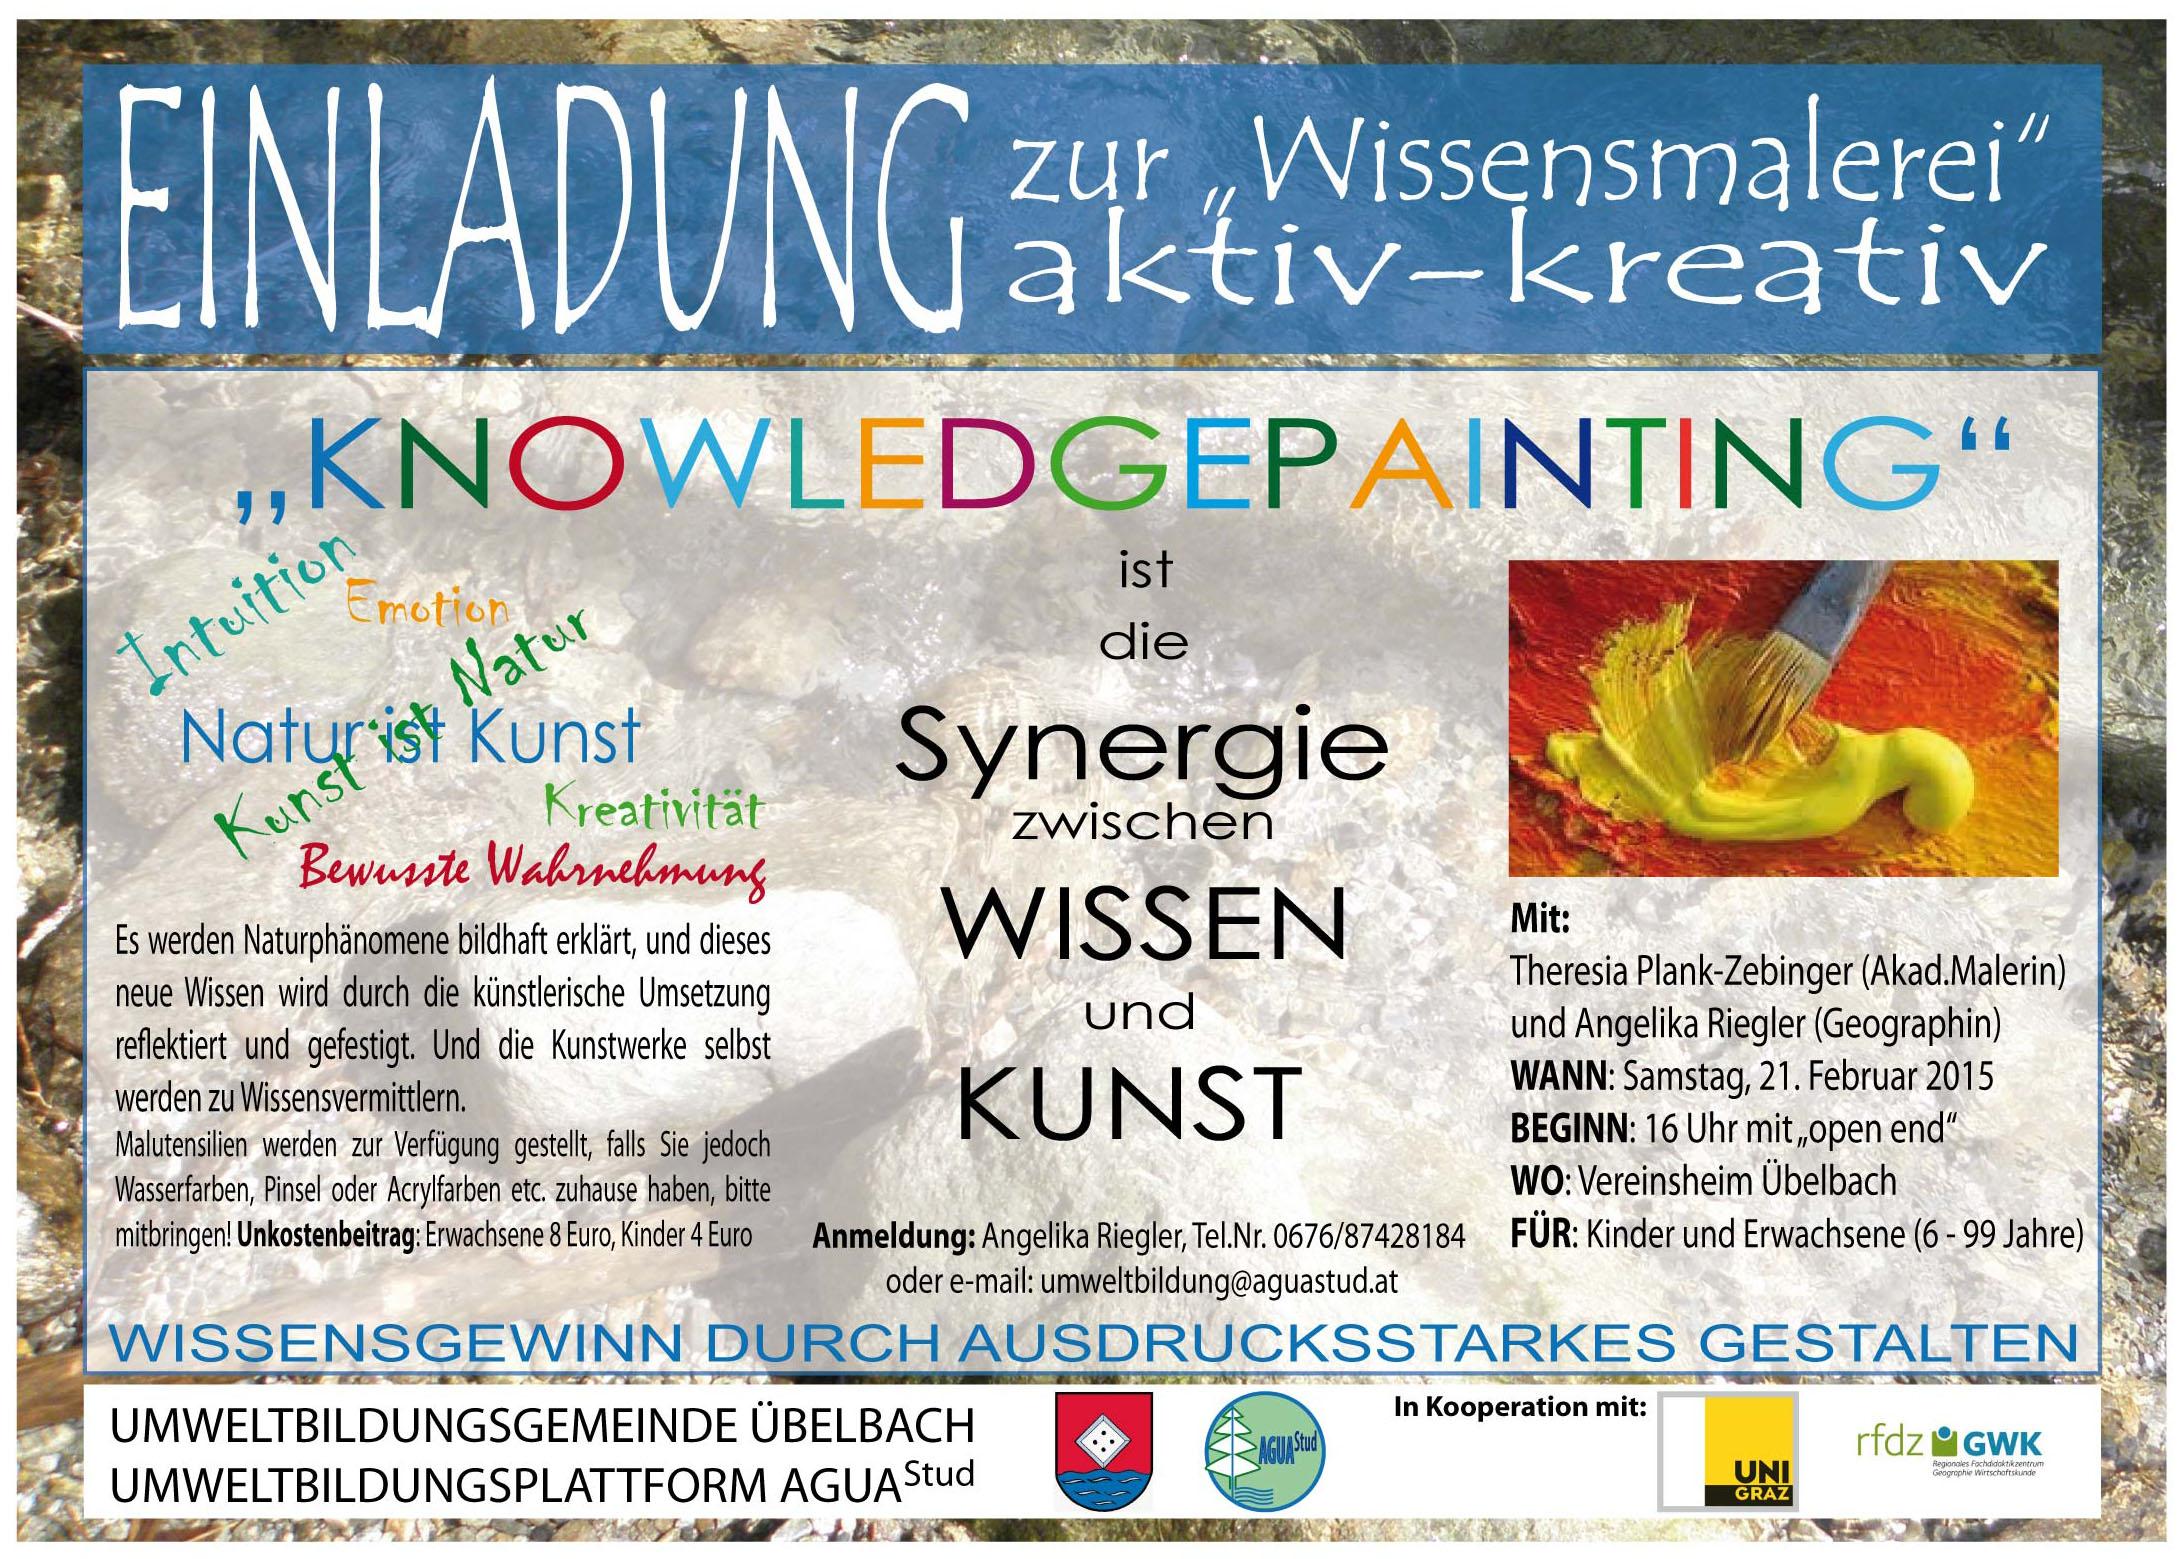 Knowledgepainting_Einladung_rgb